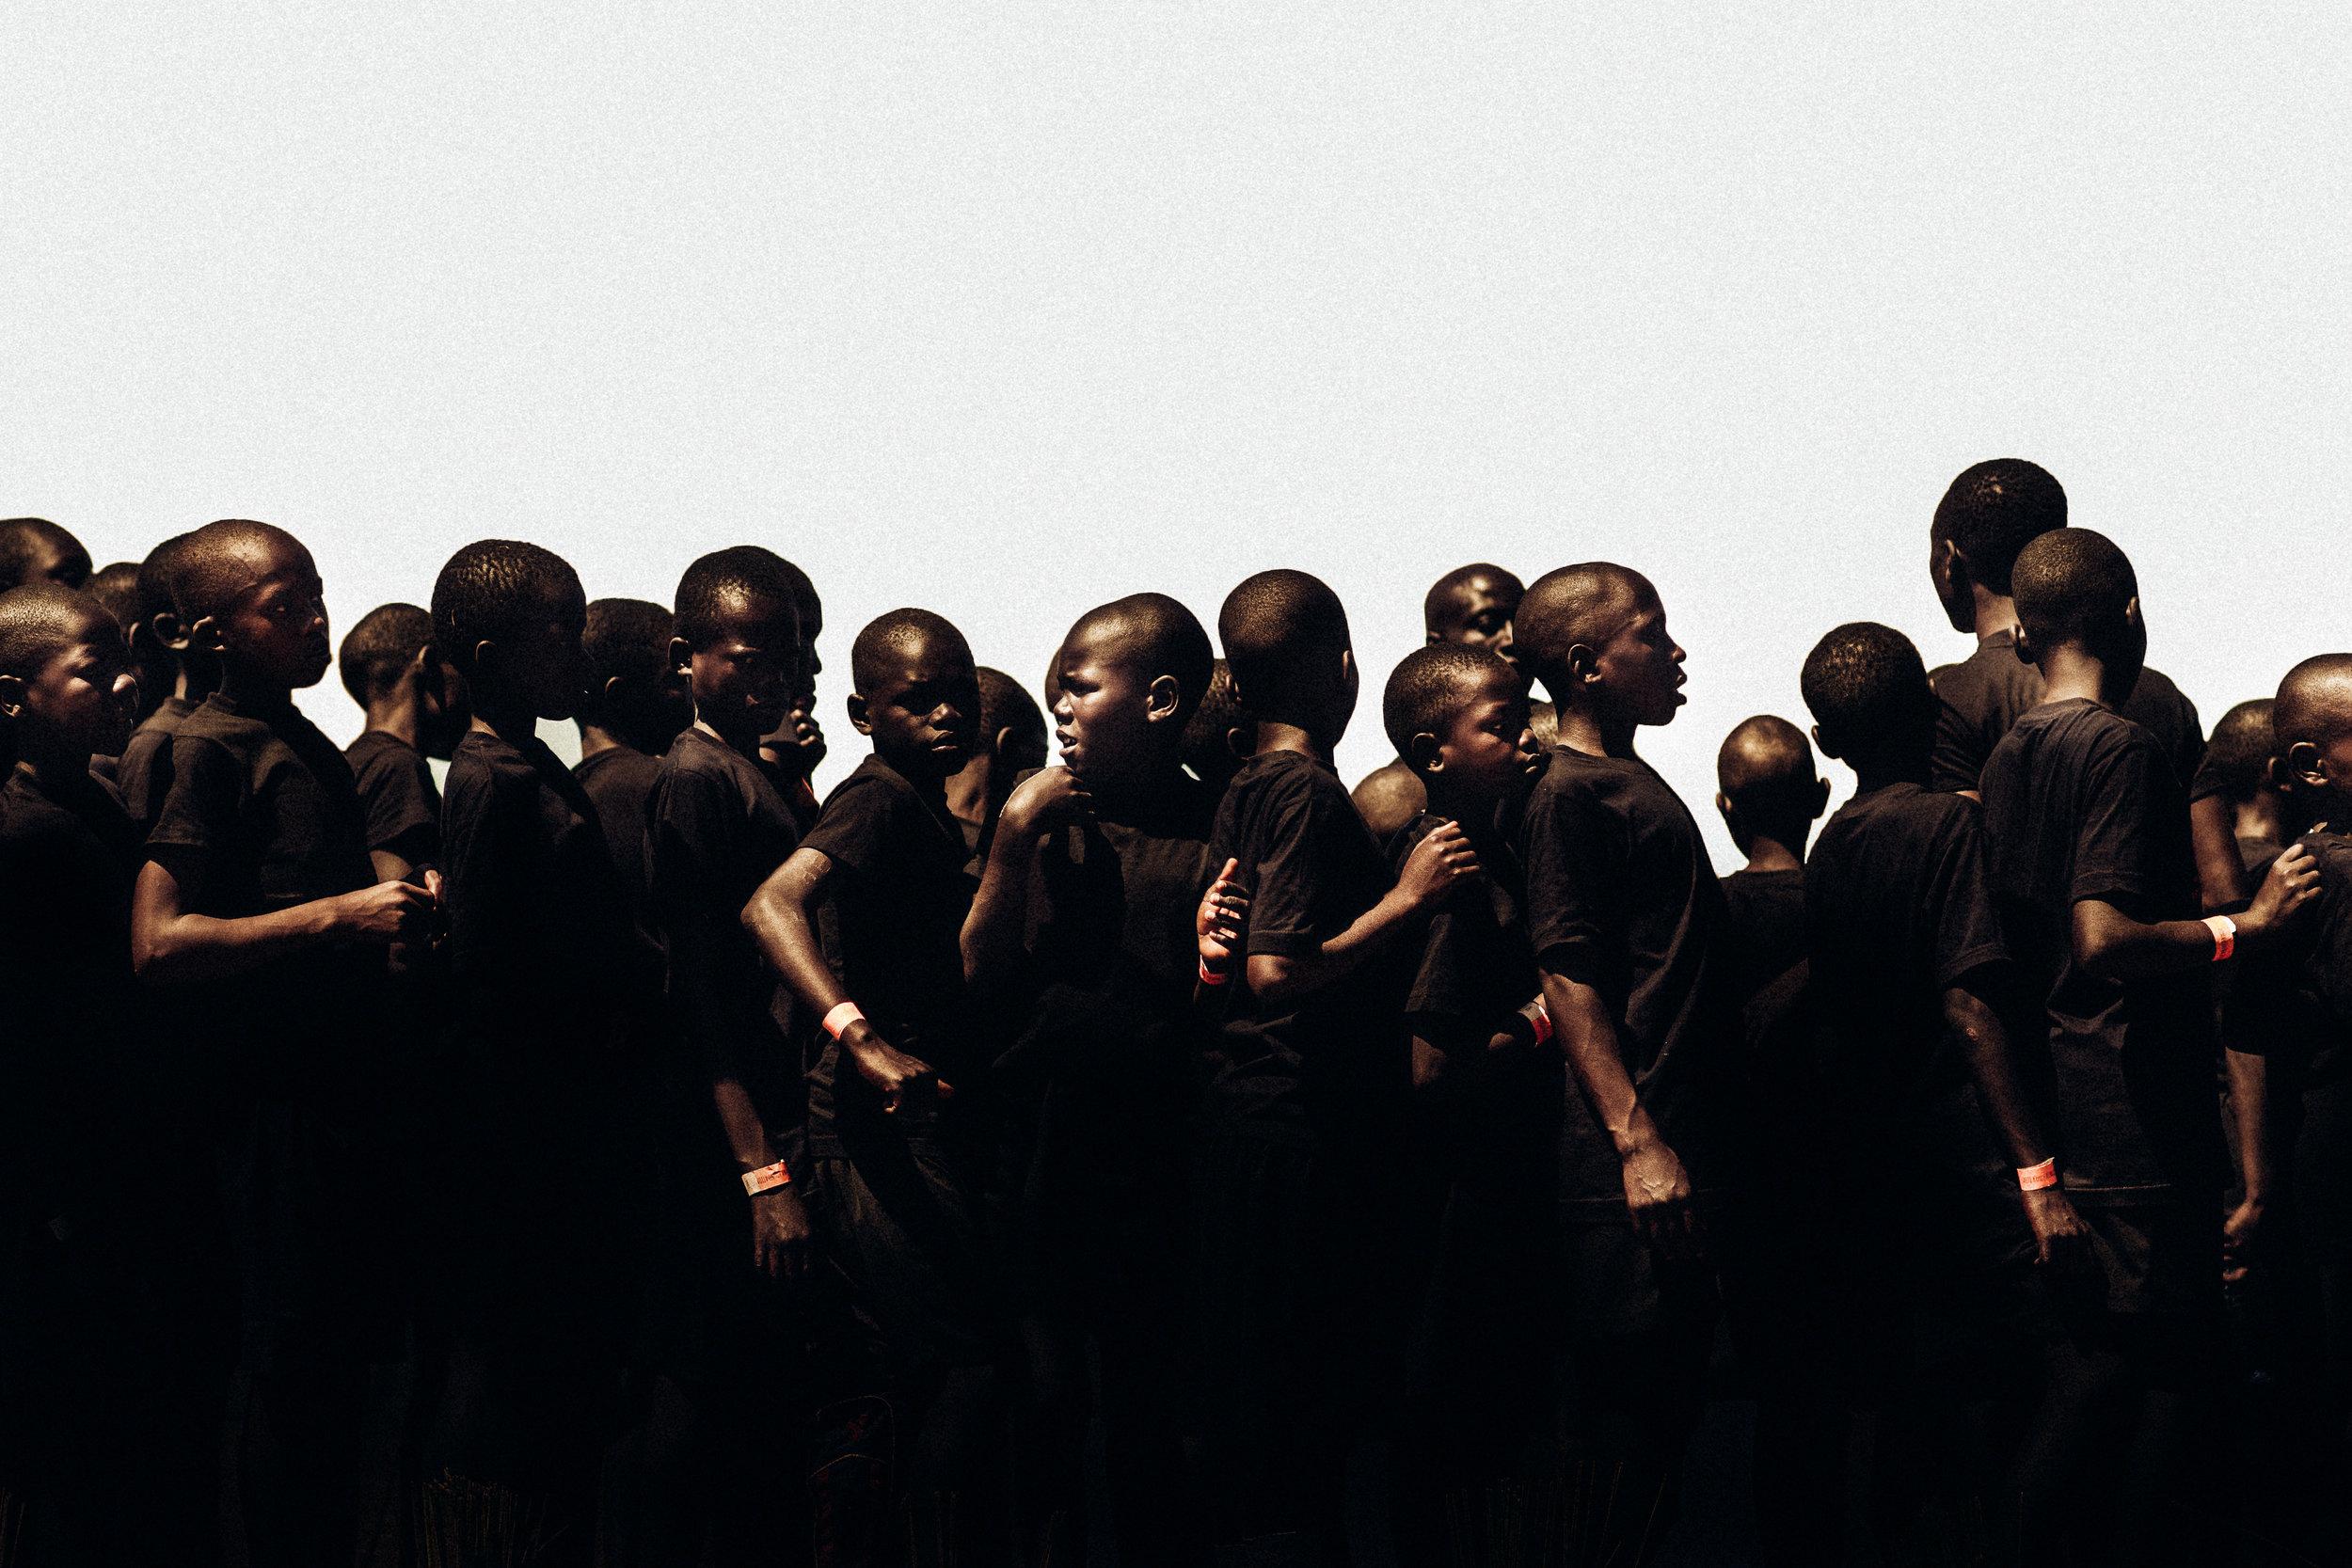 BlackBoys-Giants-of-Africa.jpg